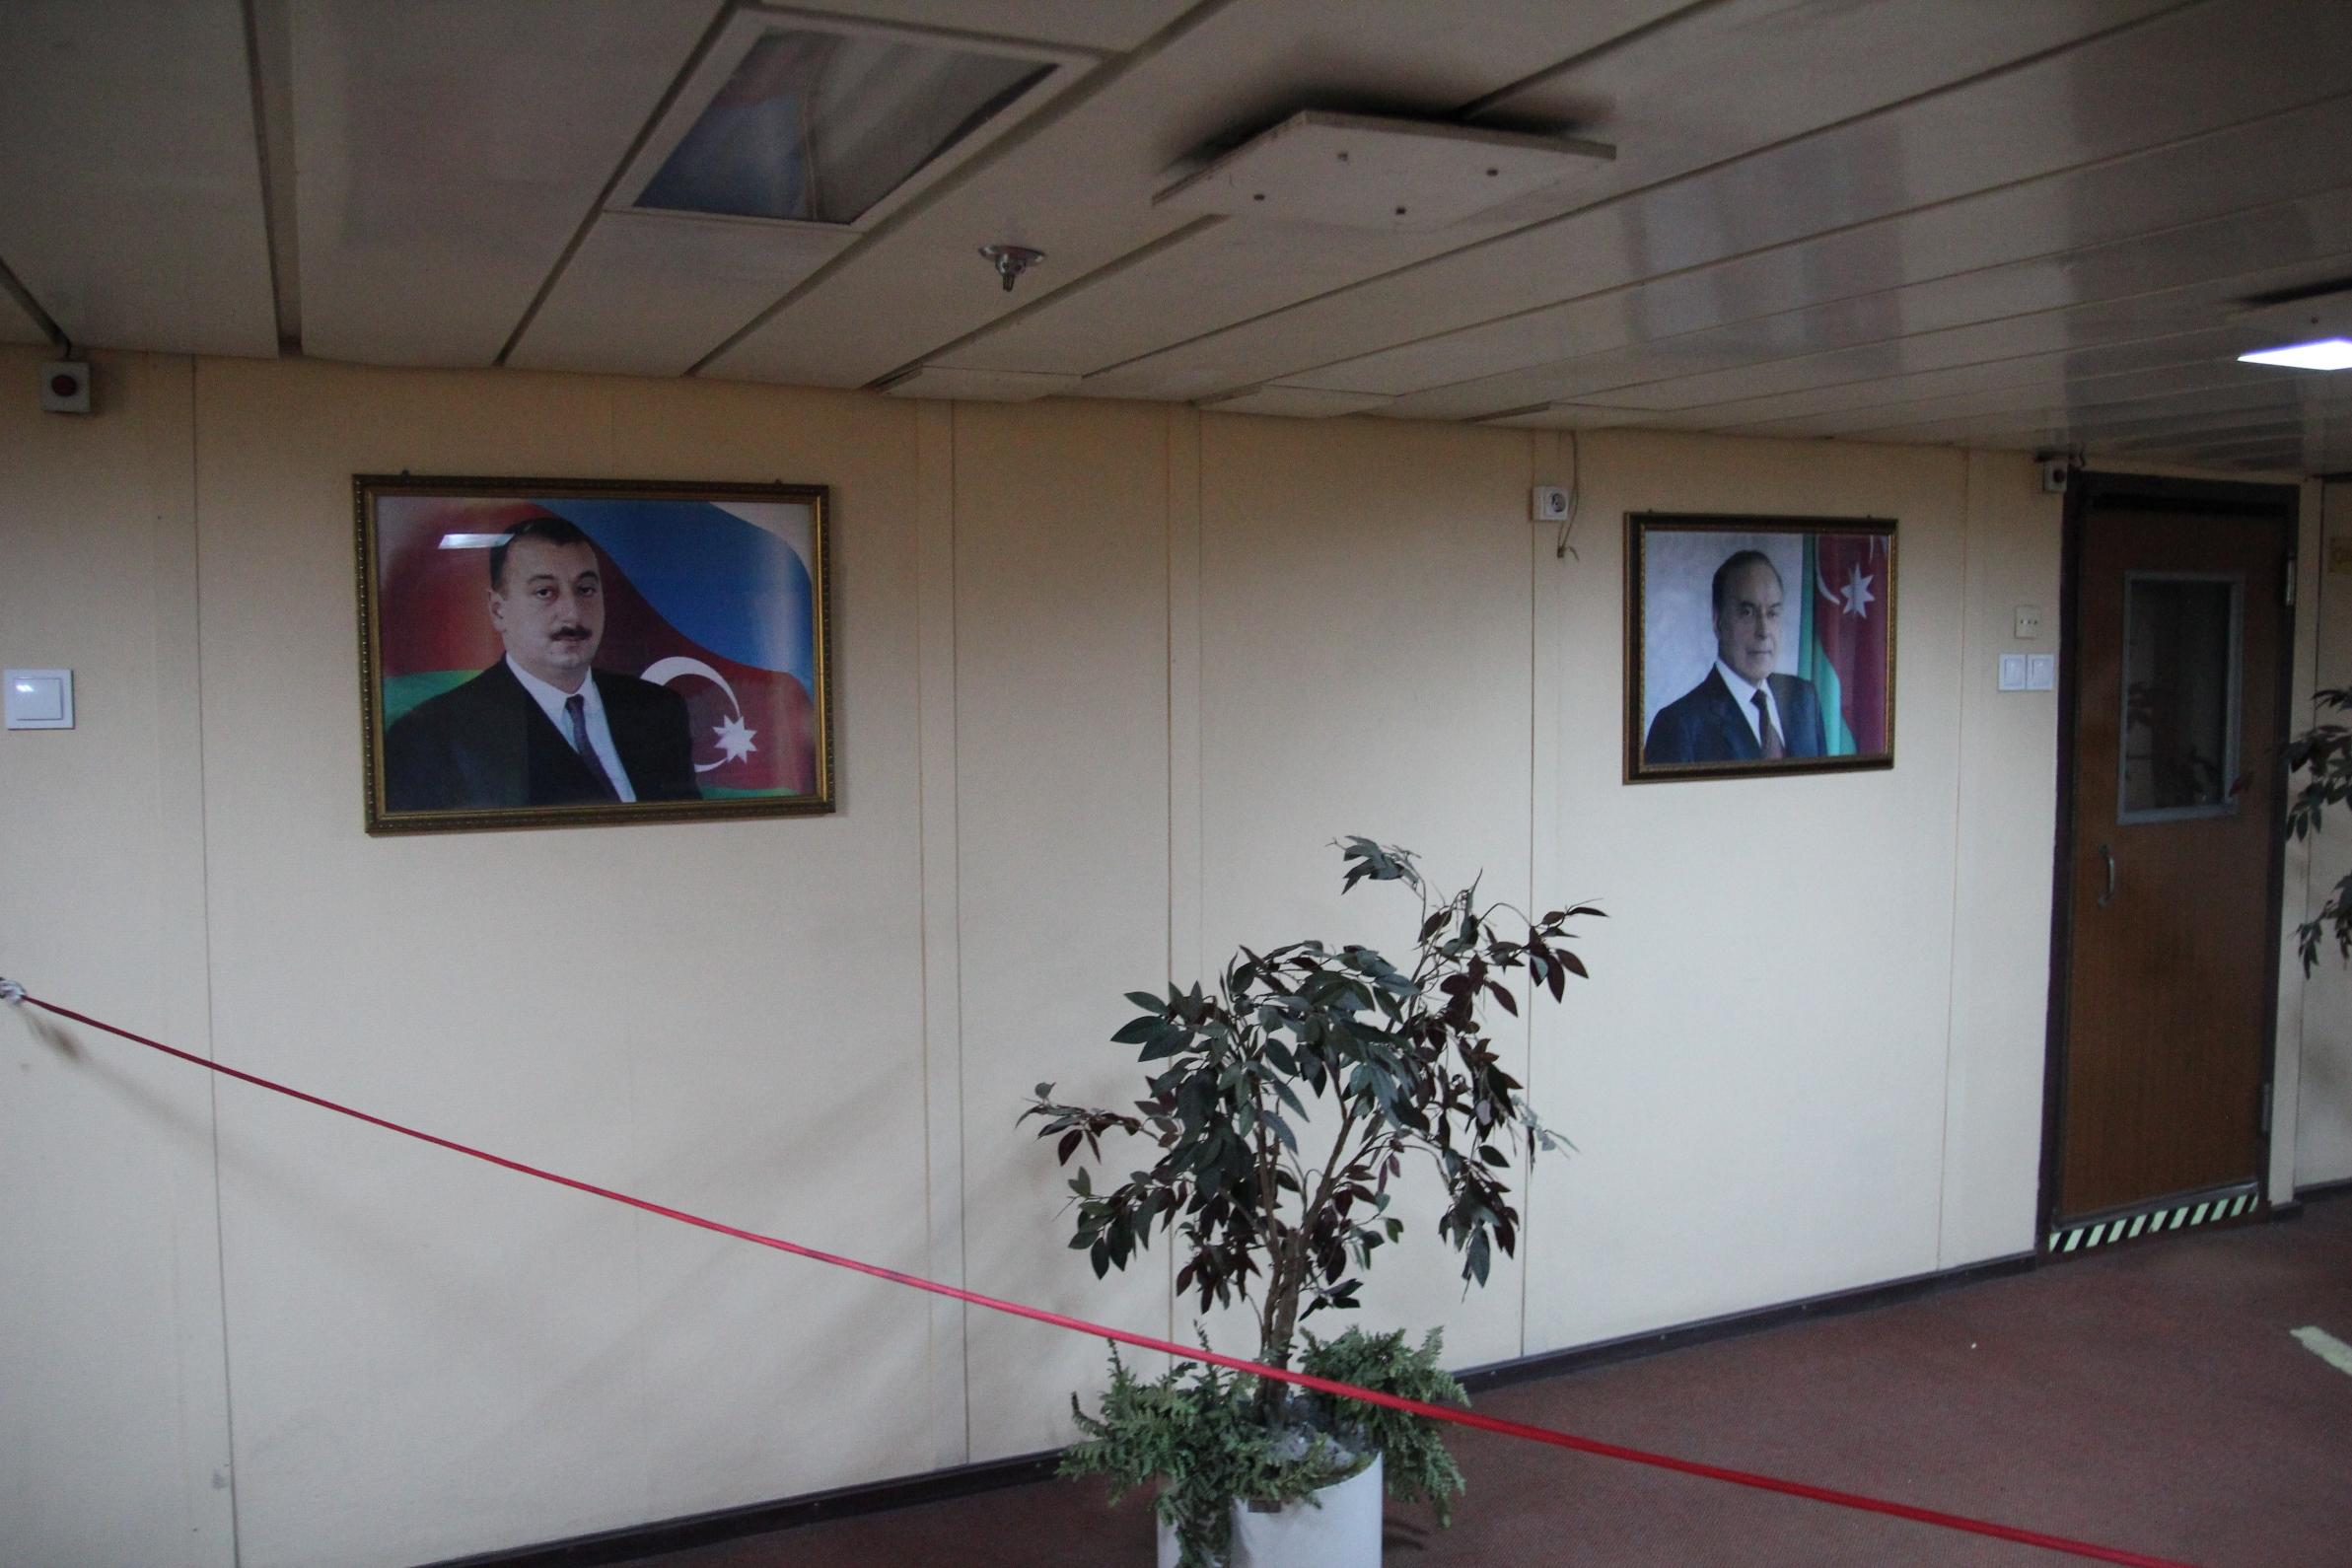 A főnök és az apja képével sokfelé lehet találkozni Azerbajdzsánban.